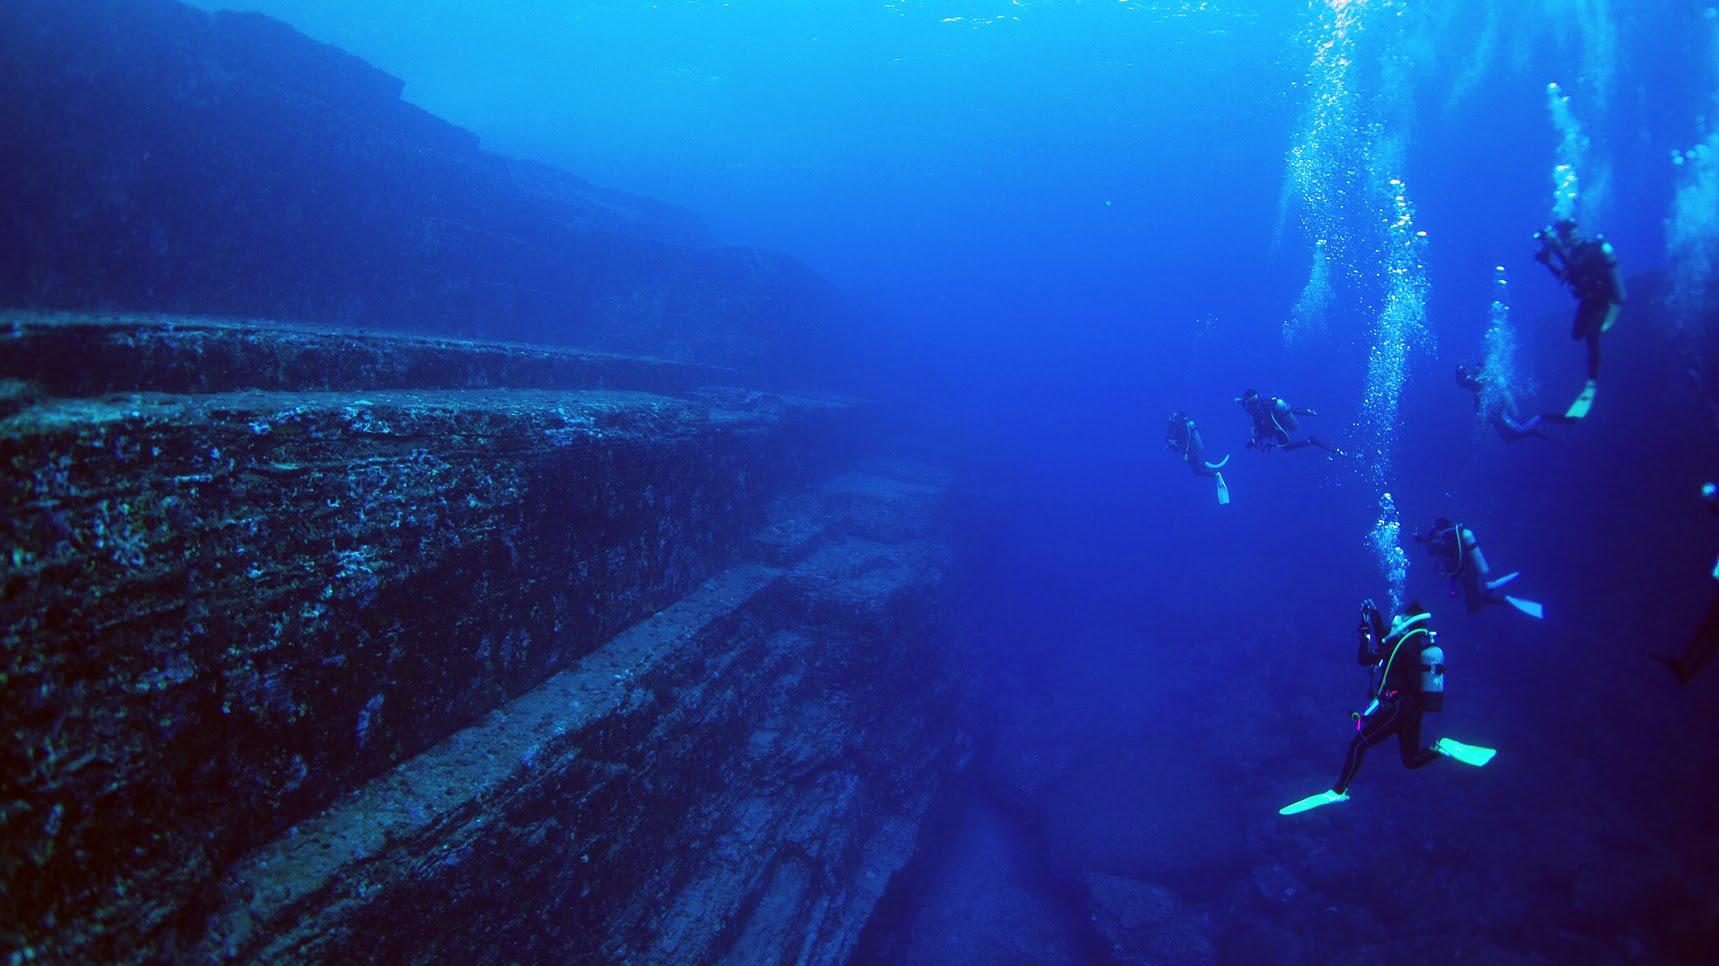 与那国島の海底遺跡!グラスボートやダイビングでも見れる?水深は?